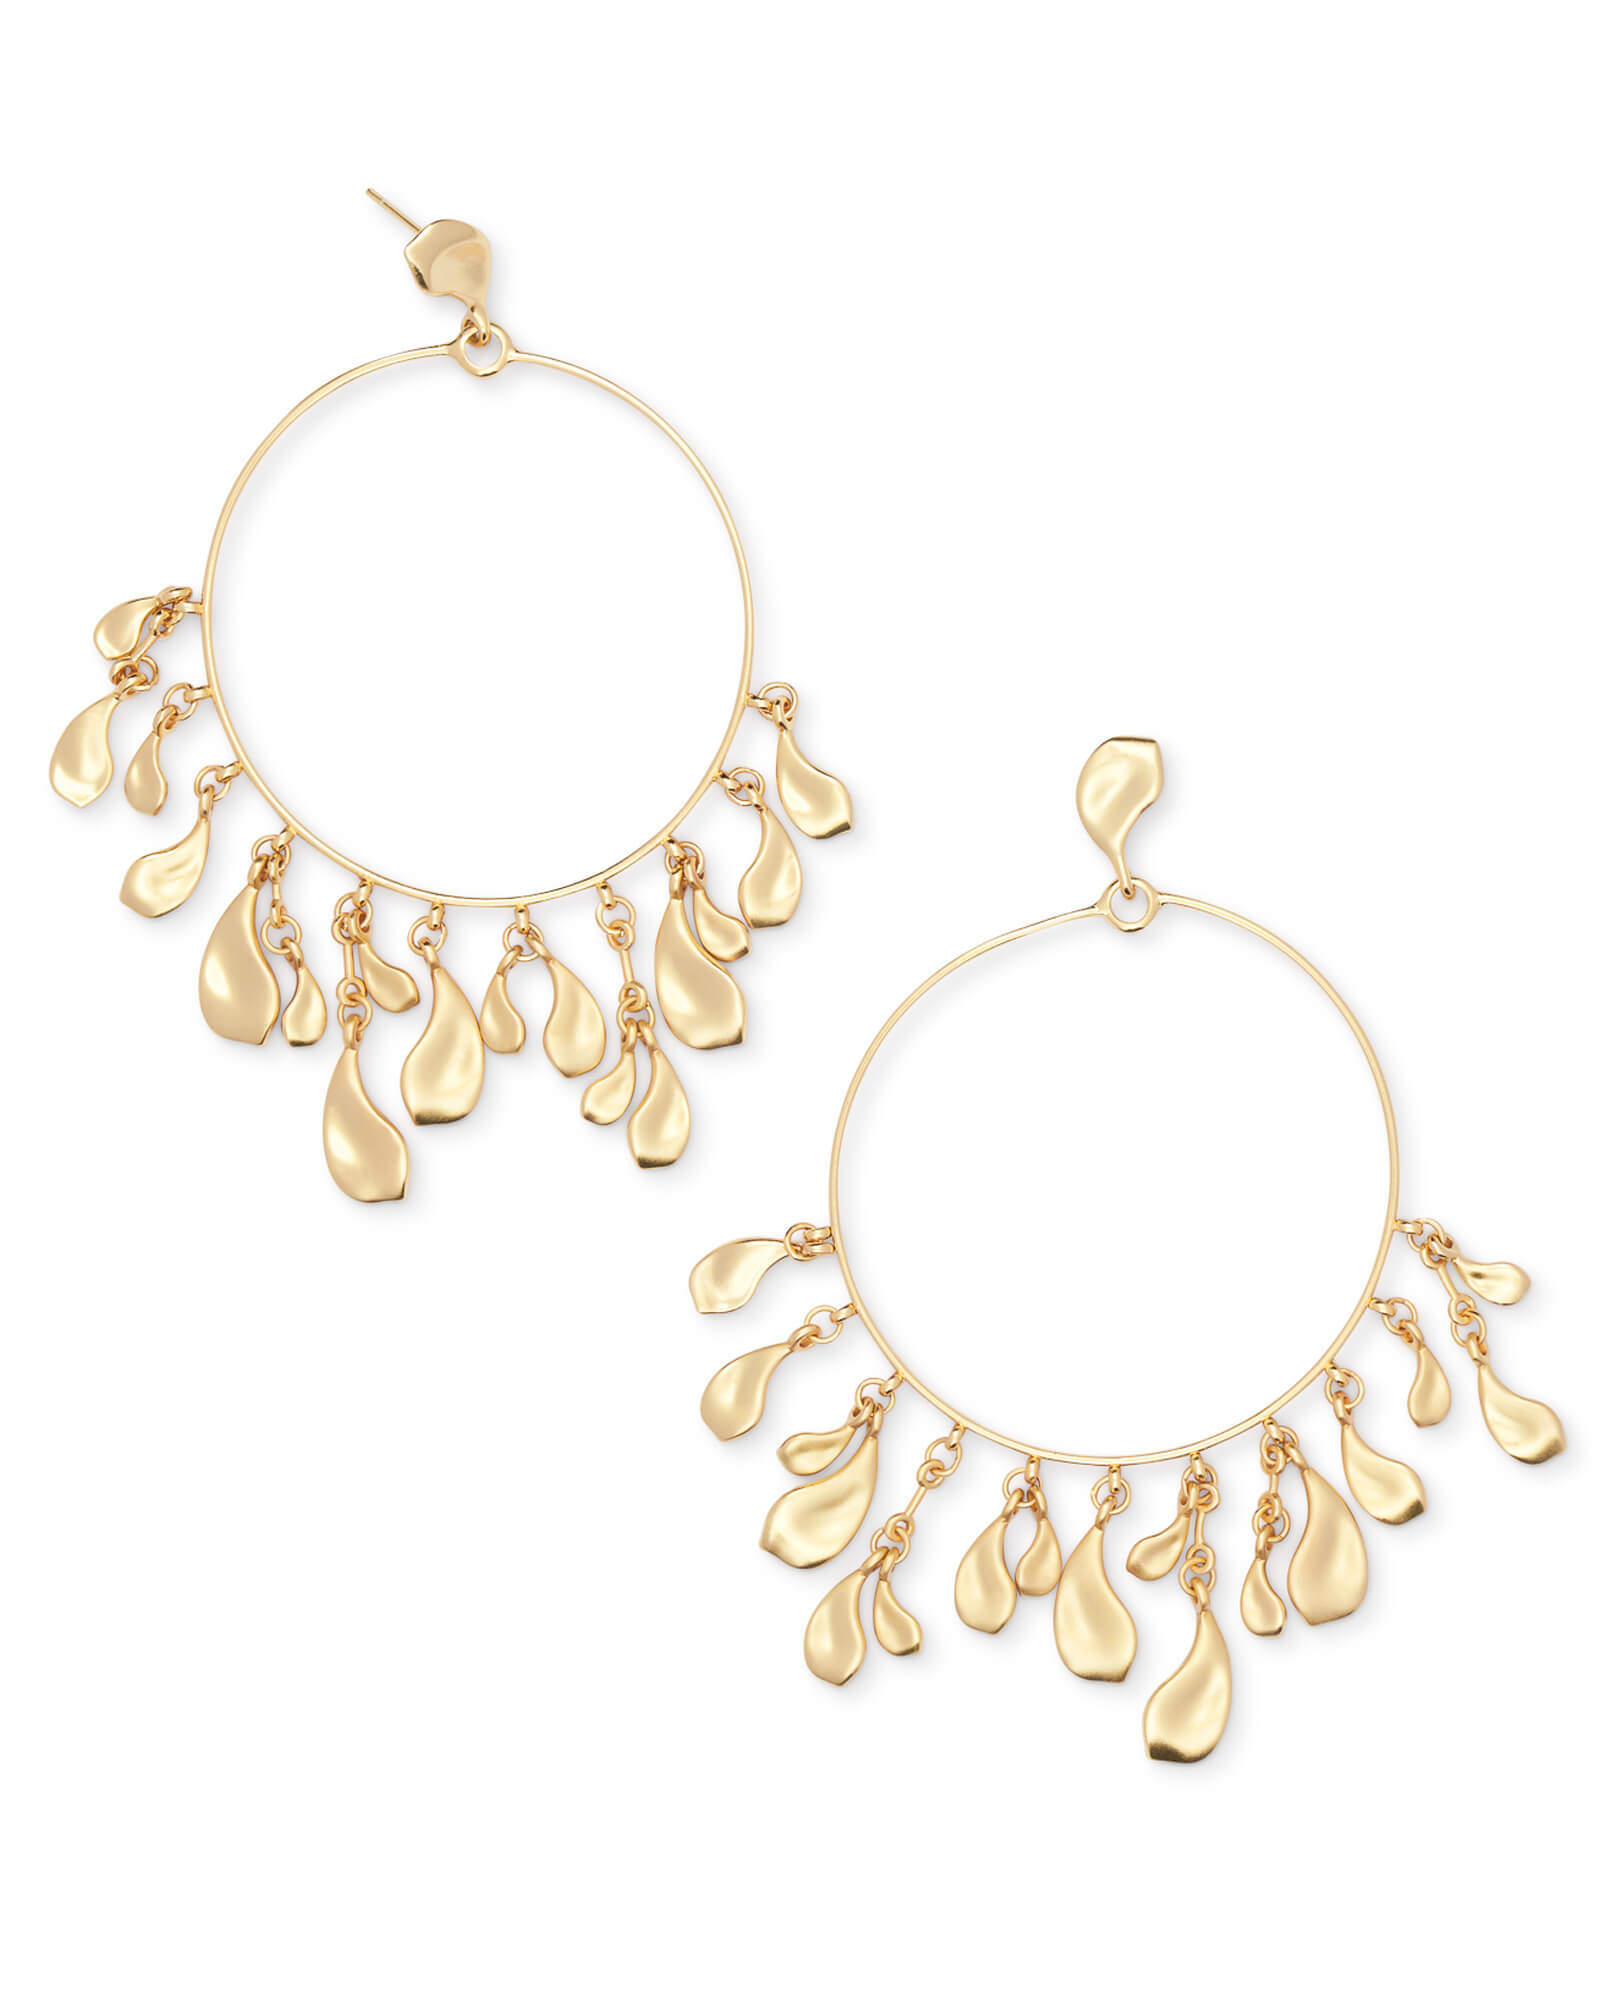 Natasha Hoop Earrings In Gold by Kendra Scott